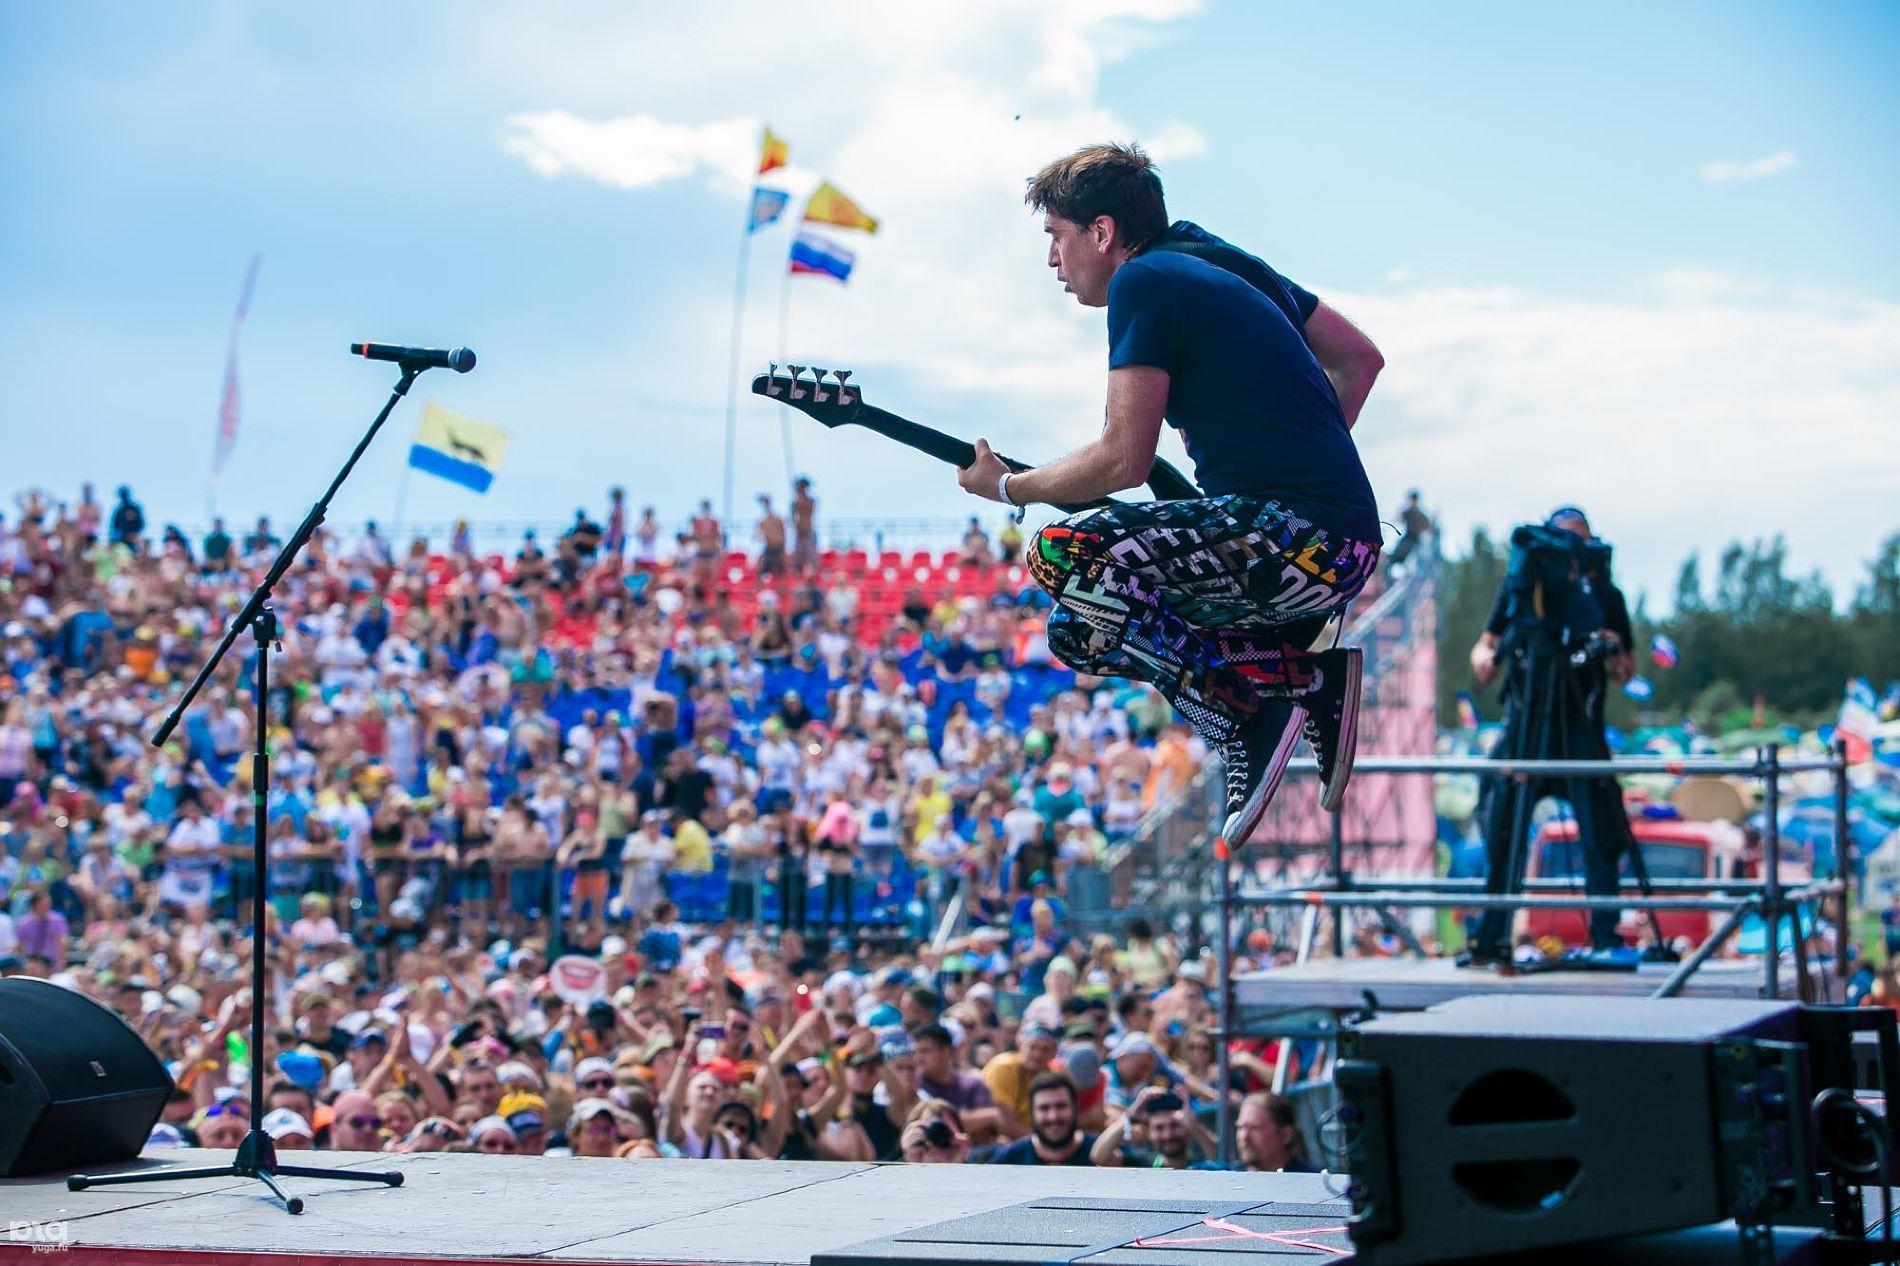 Рок-фестиваль «Нашествие-2016» ©Фото Евгения Резника, ЮГА.ру